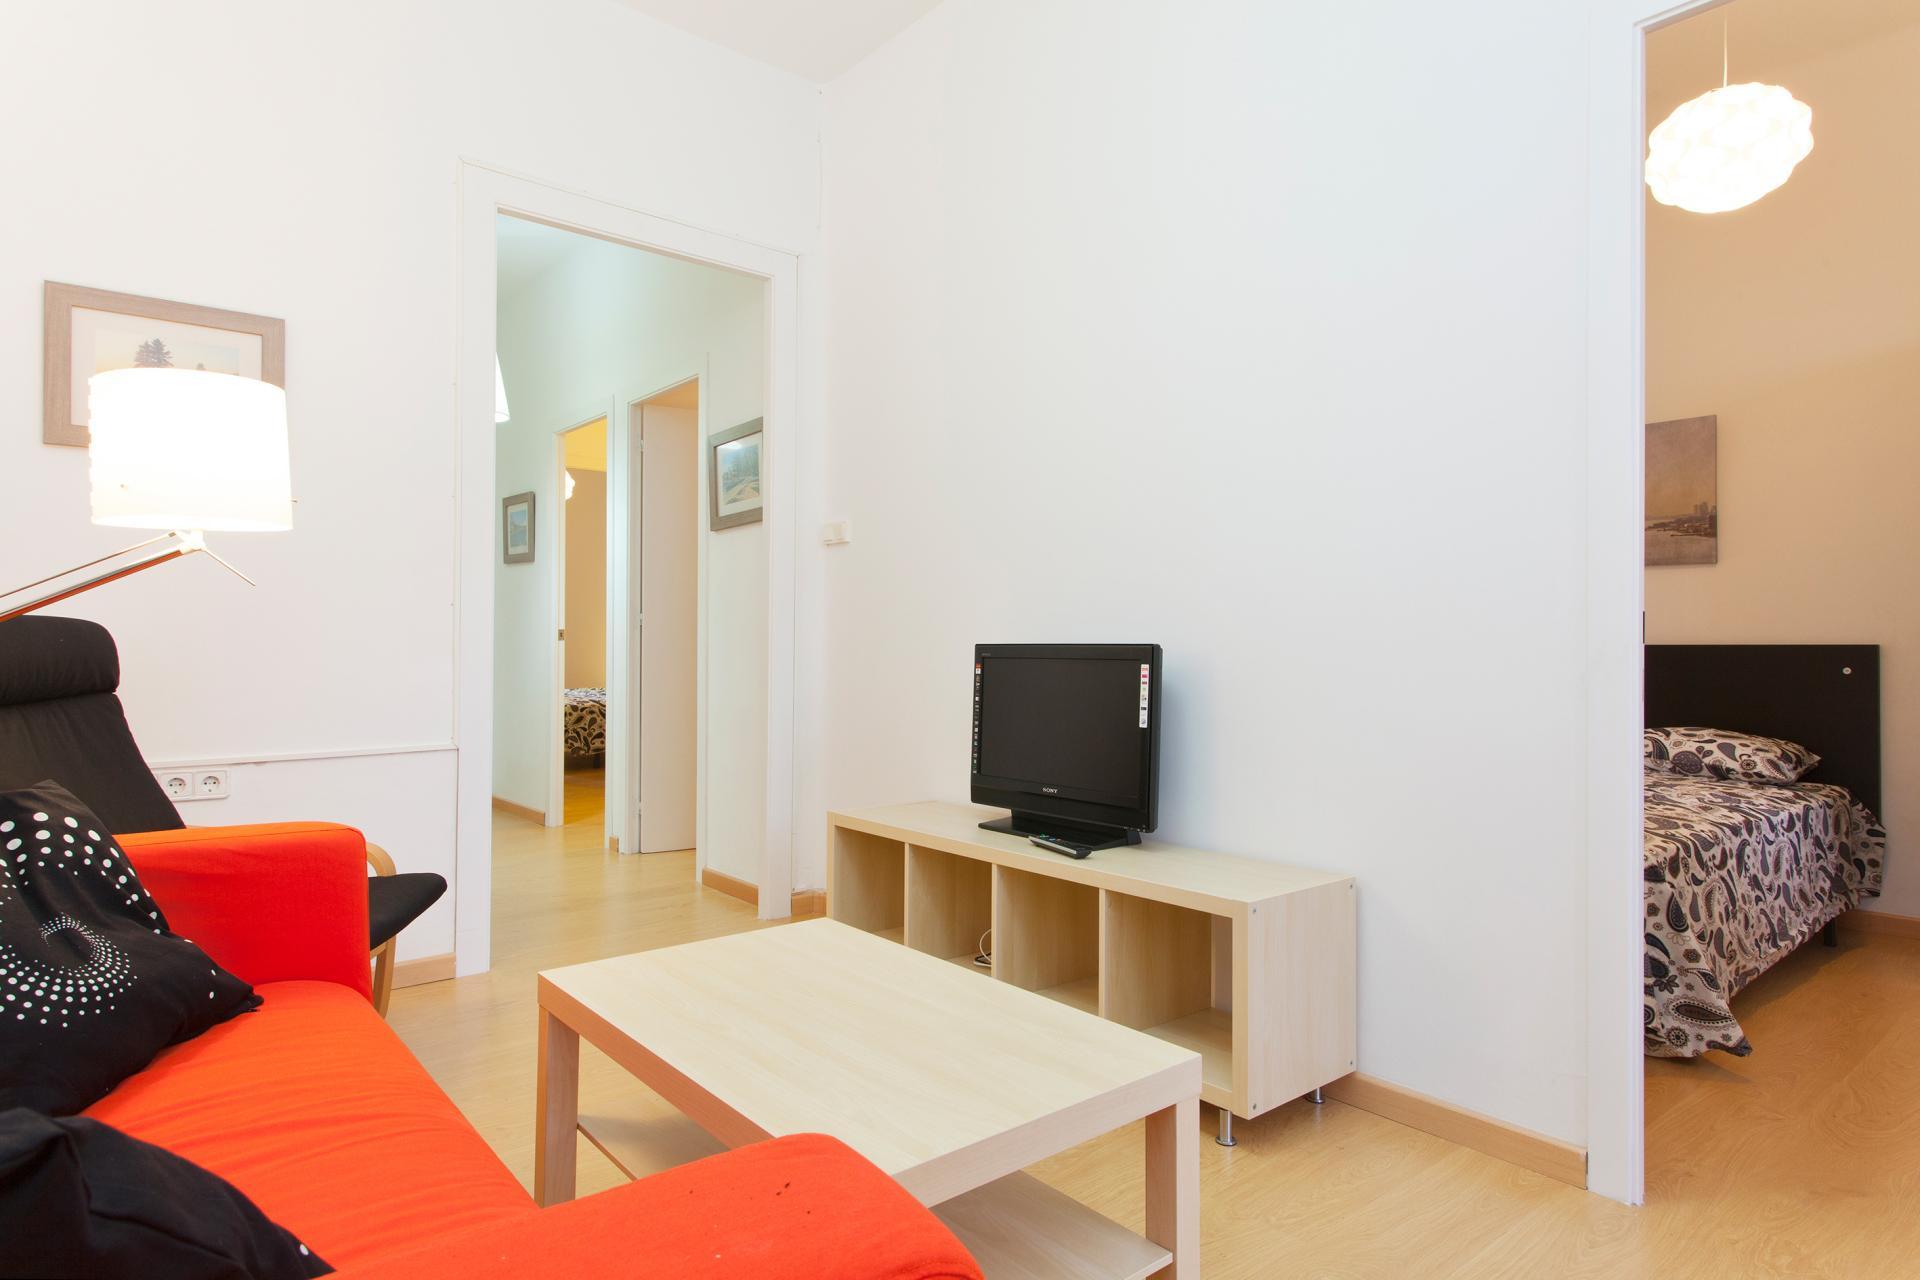 Appartement avec trois chambres en location barcelone for Location appartement design barcelone